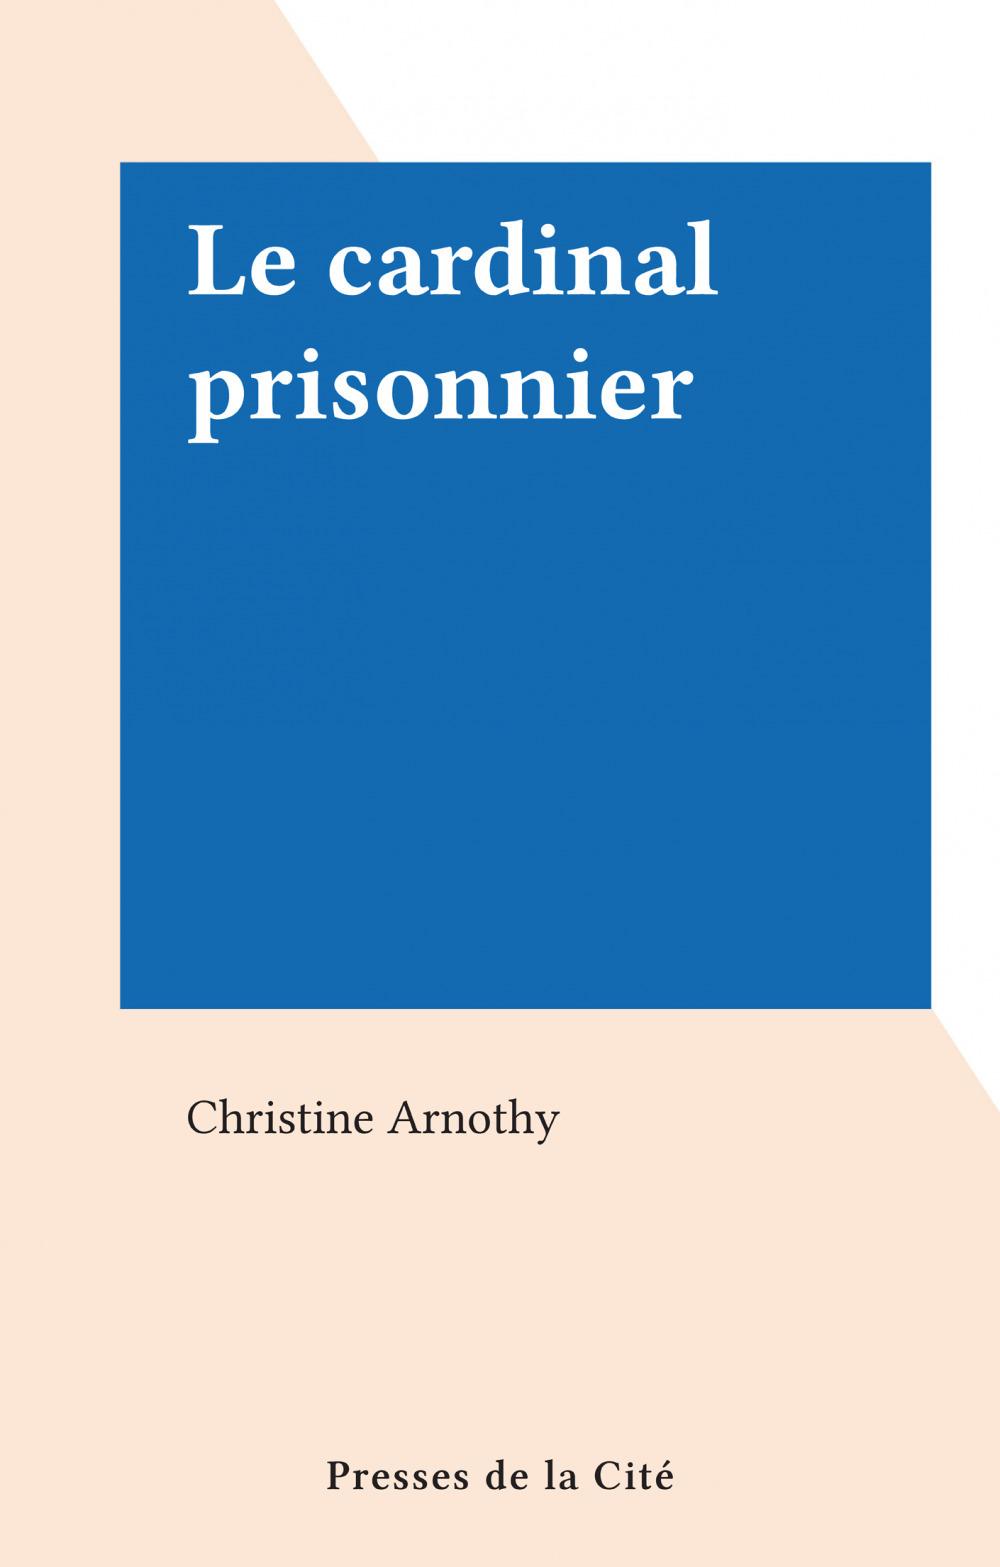 Le cardinal prisonnier  - Christine Arnothy